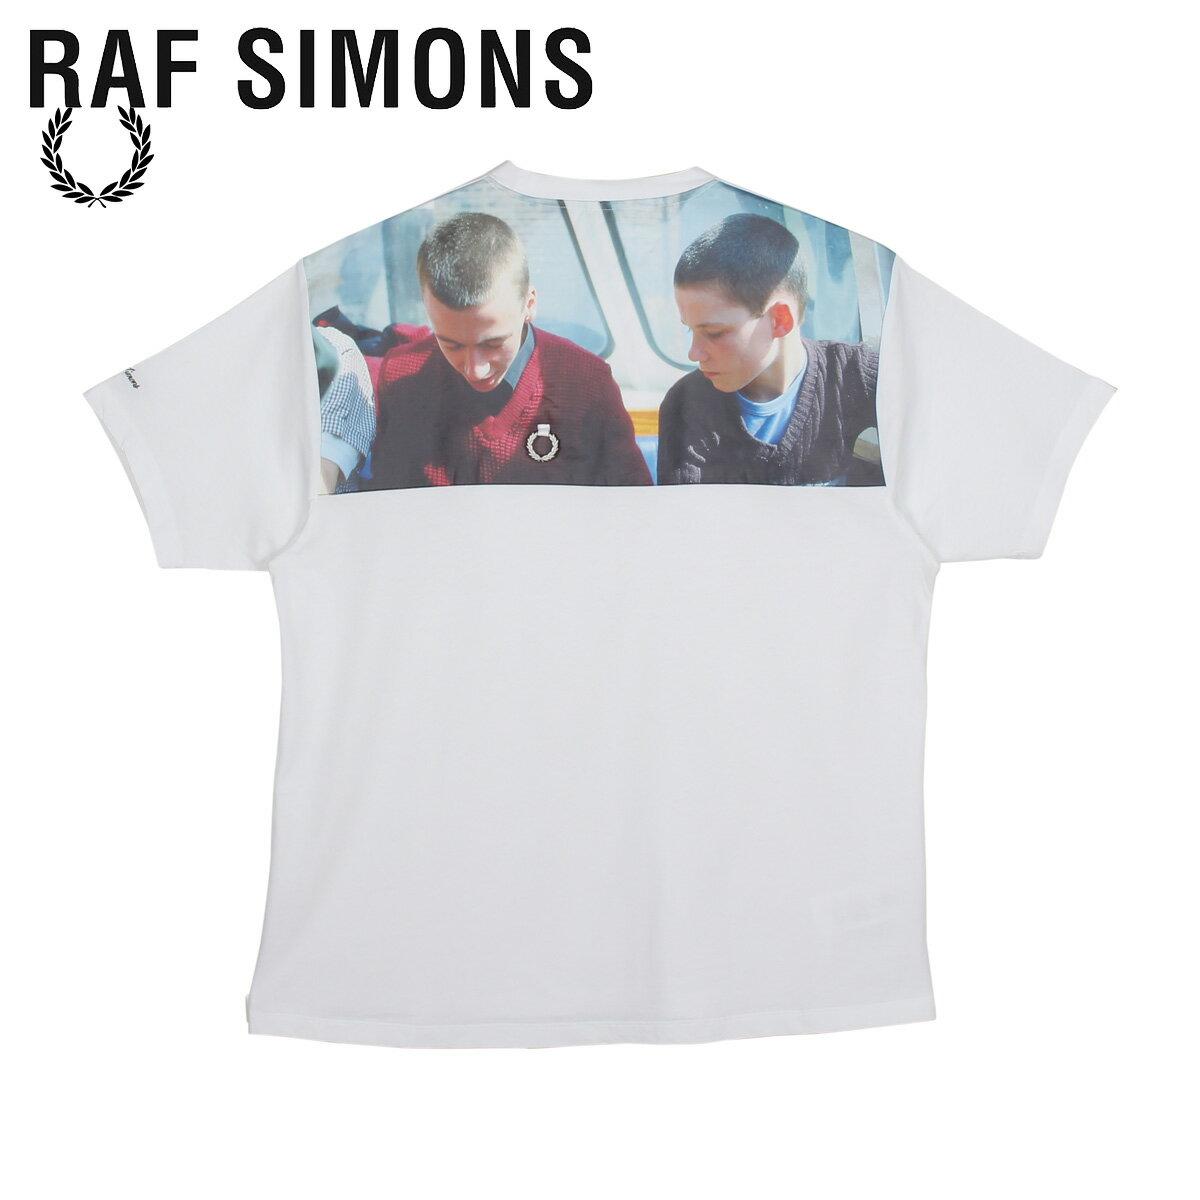 トップス, Tシャツ・カットソー 1000OFF FRED PERRY RAF SIMONS T PRINT YOKE T-SHIRT SM8135